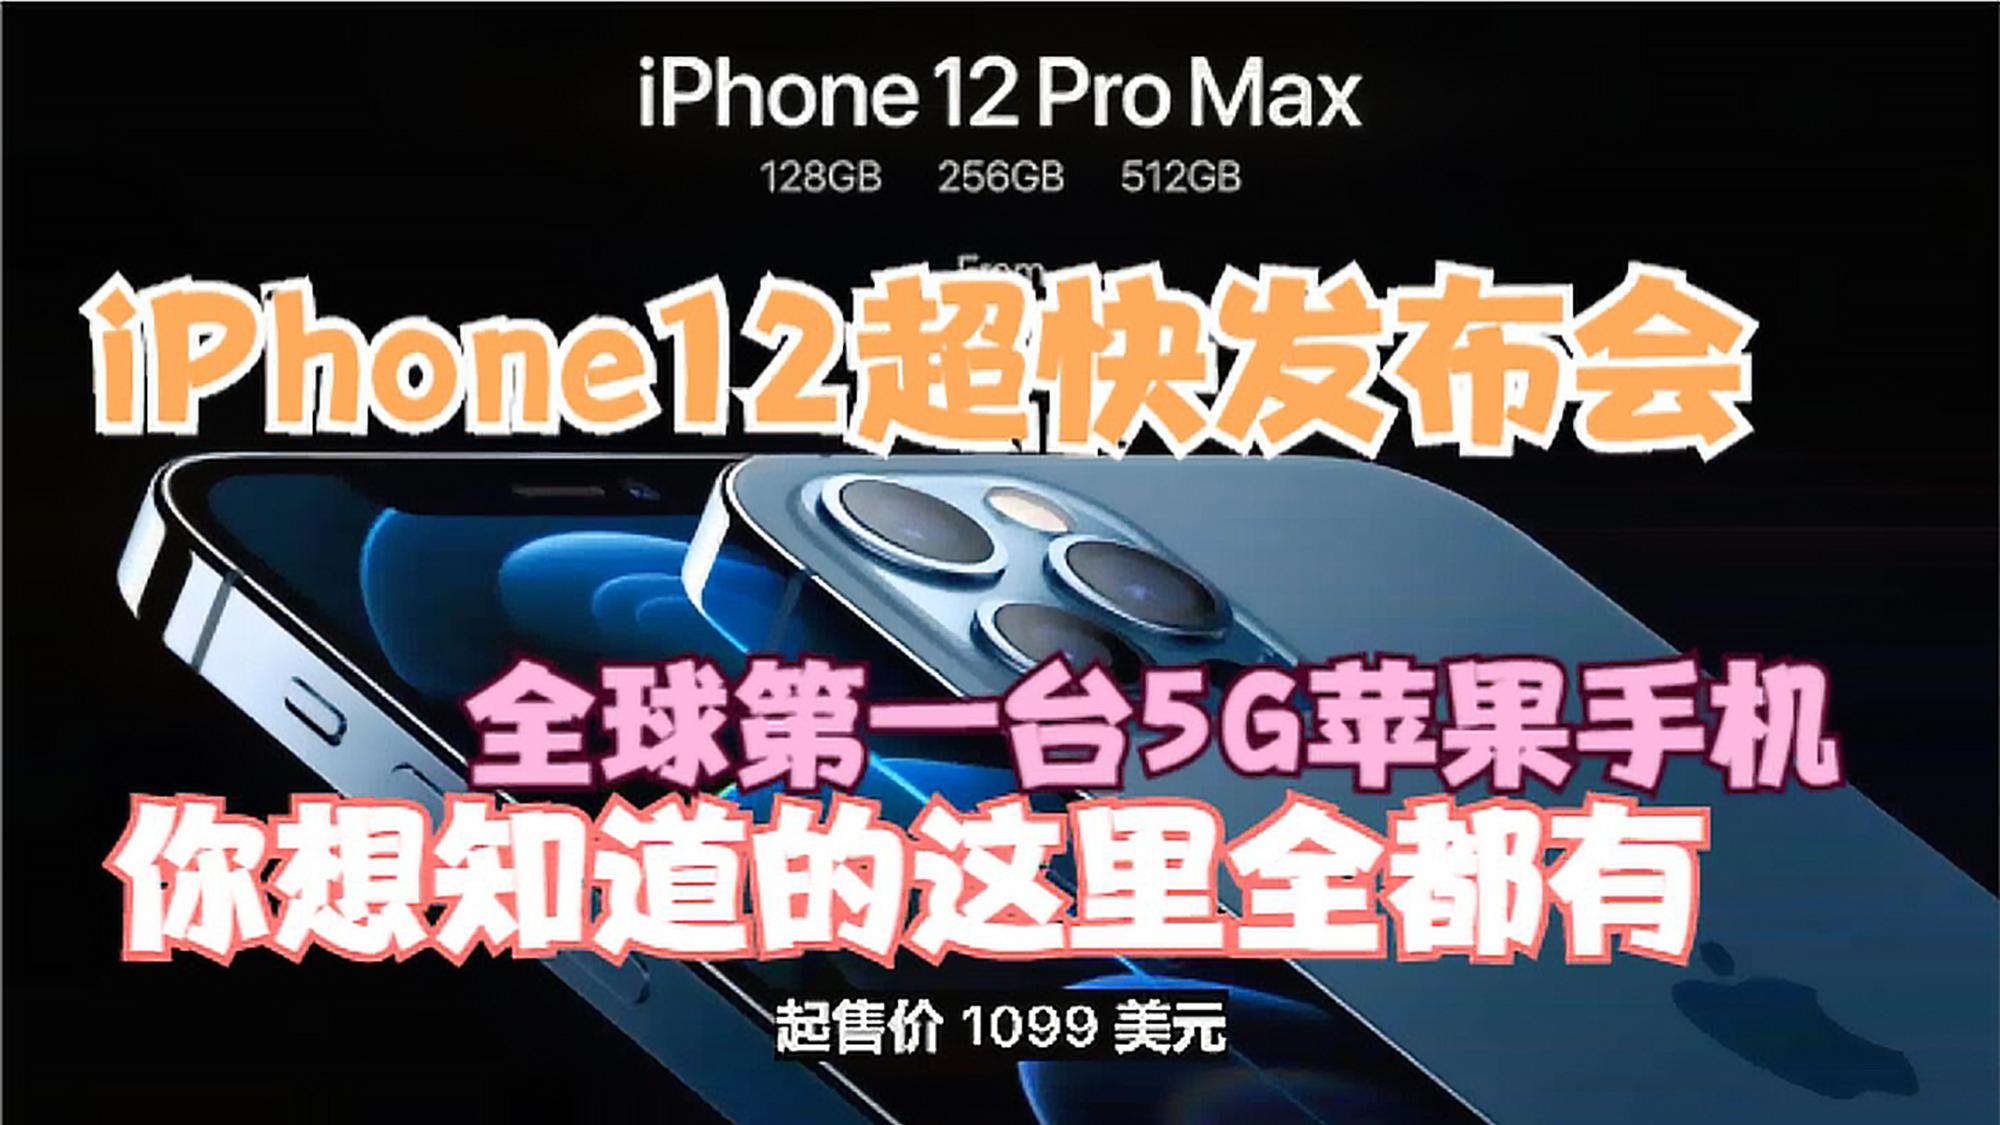 【全网最快】三分钟看完IPhone12发布会 你想知道的这里都有